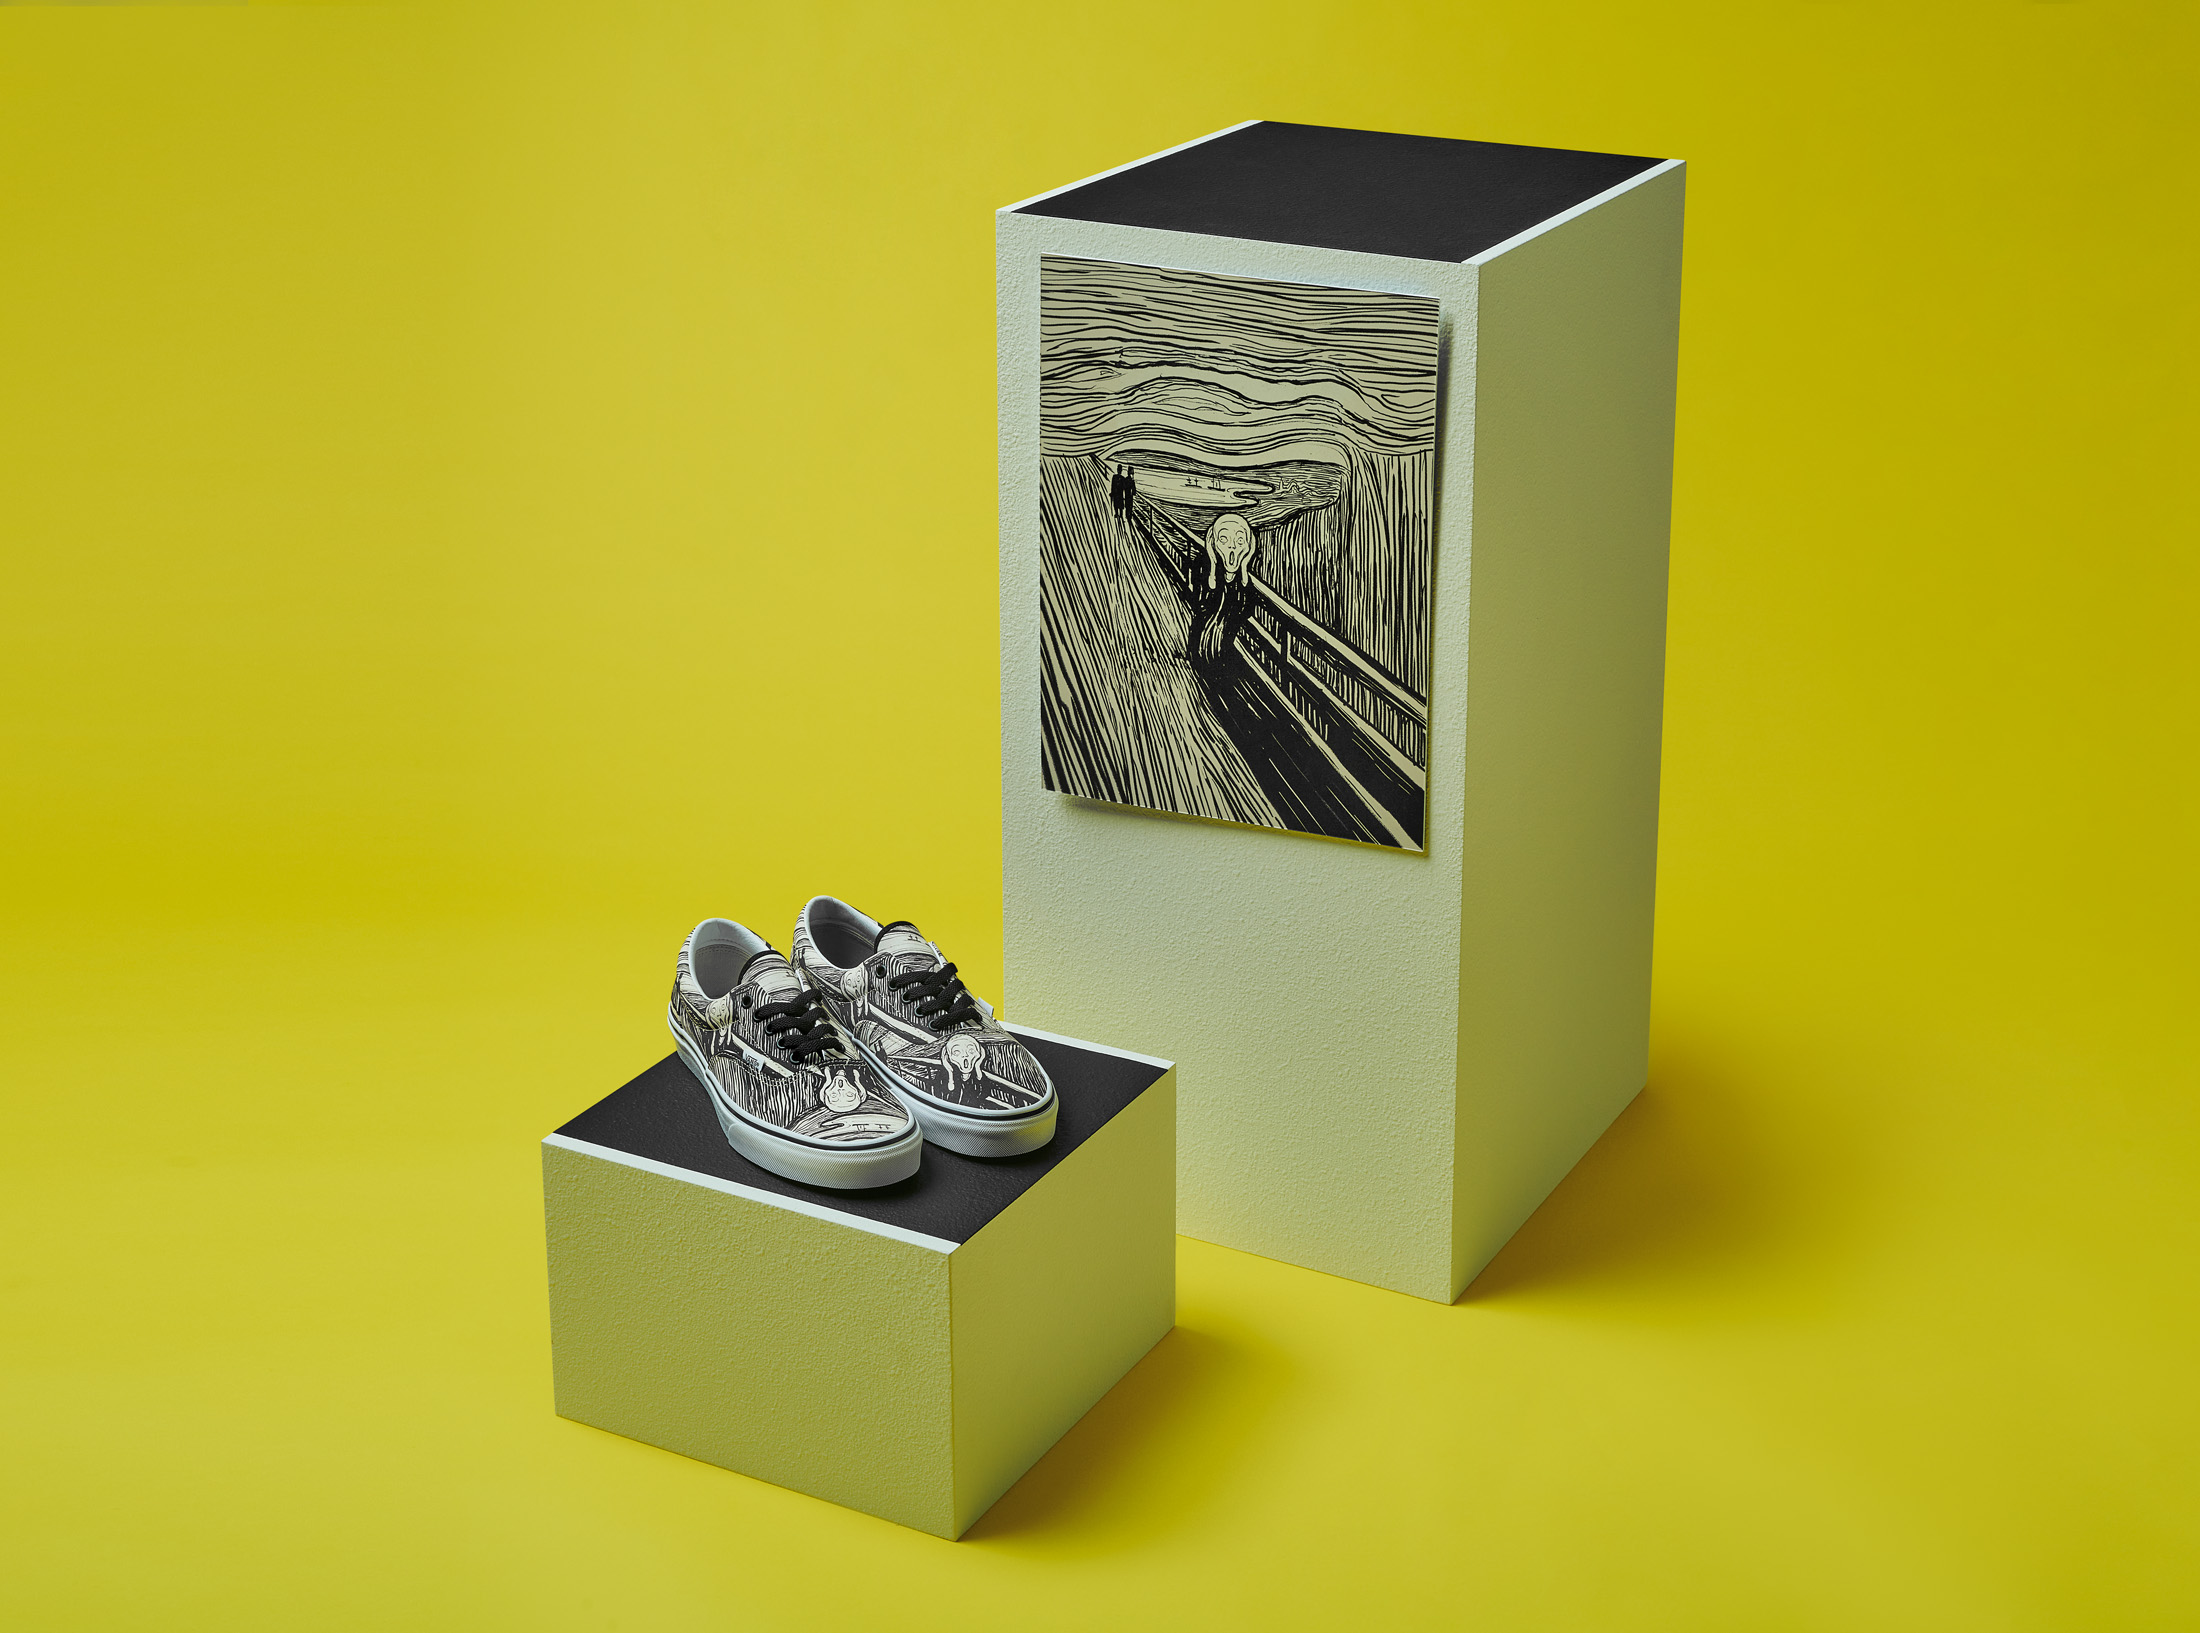 モマ ヴァンズ バンズ コラボ コレクション 限定 第 2弾 MoMA Vans Collaboration Collection Part 2 ムンク